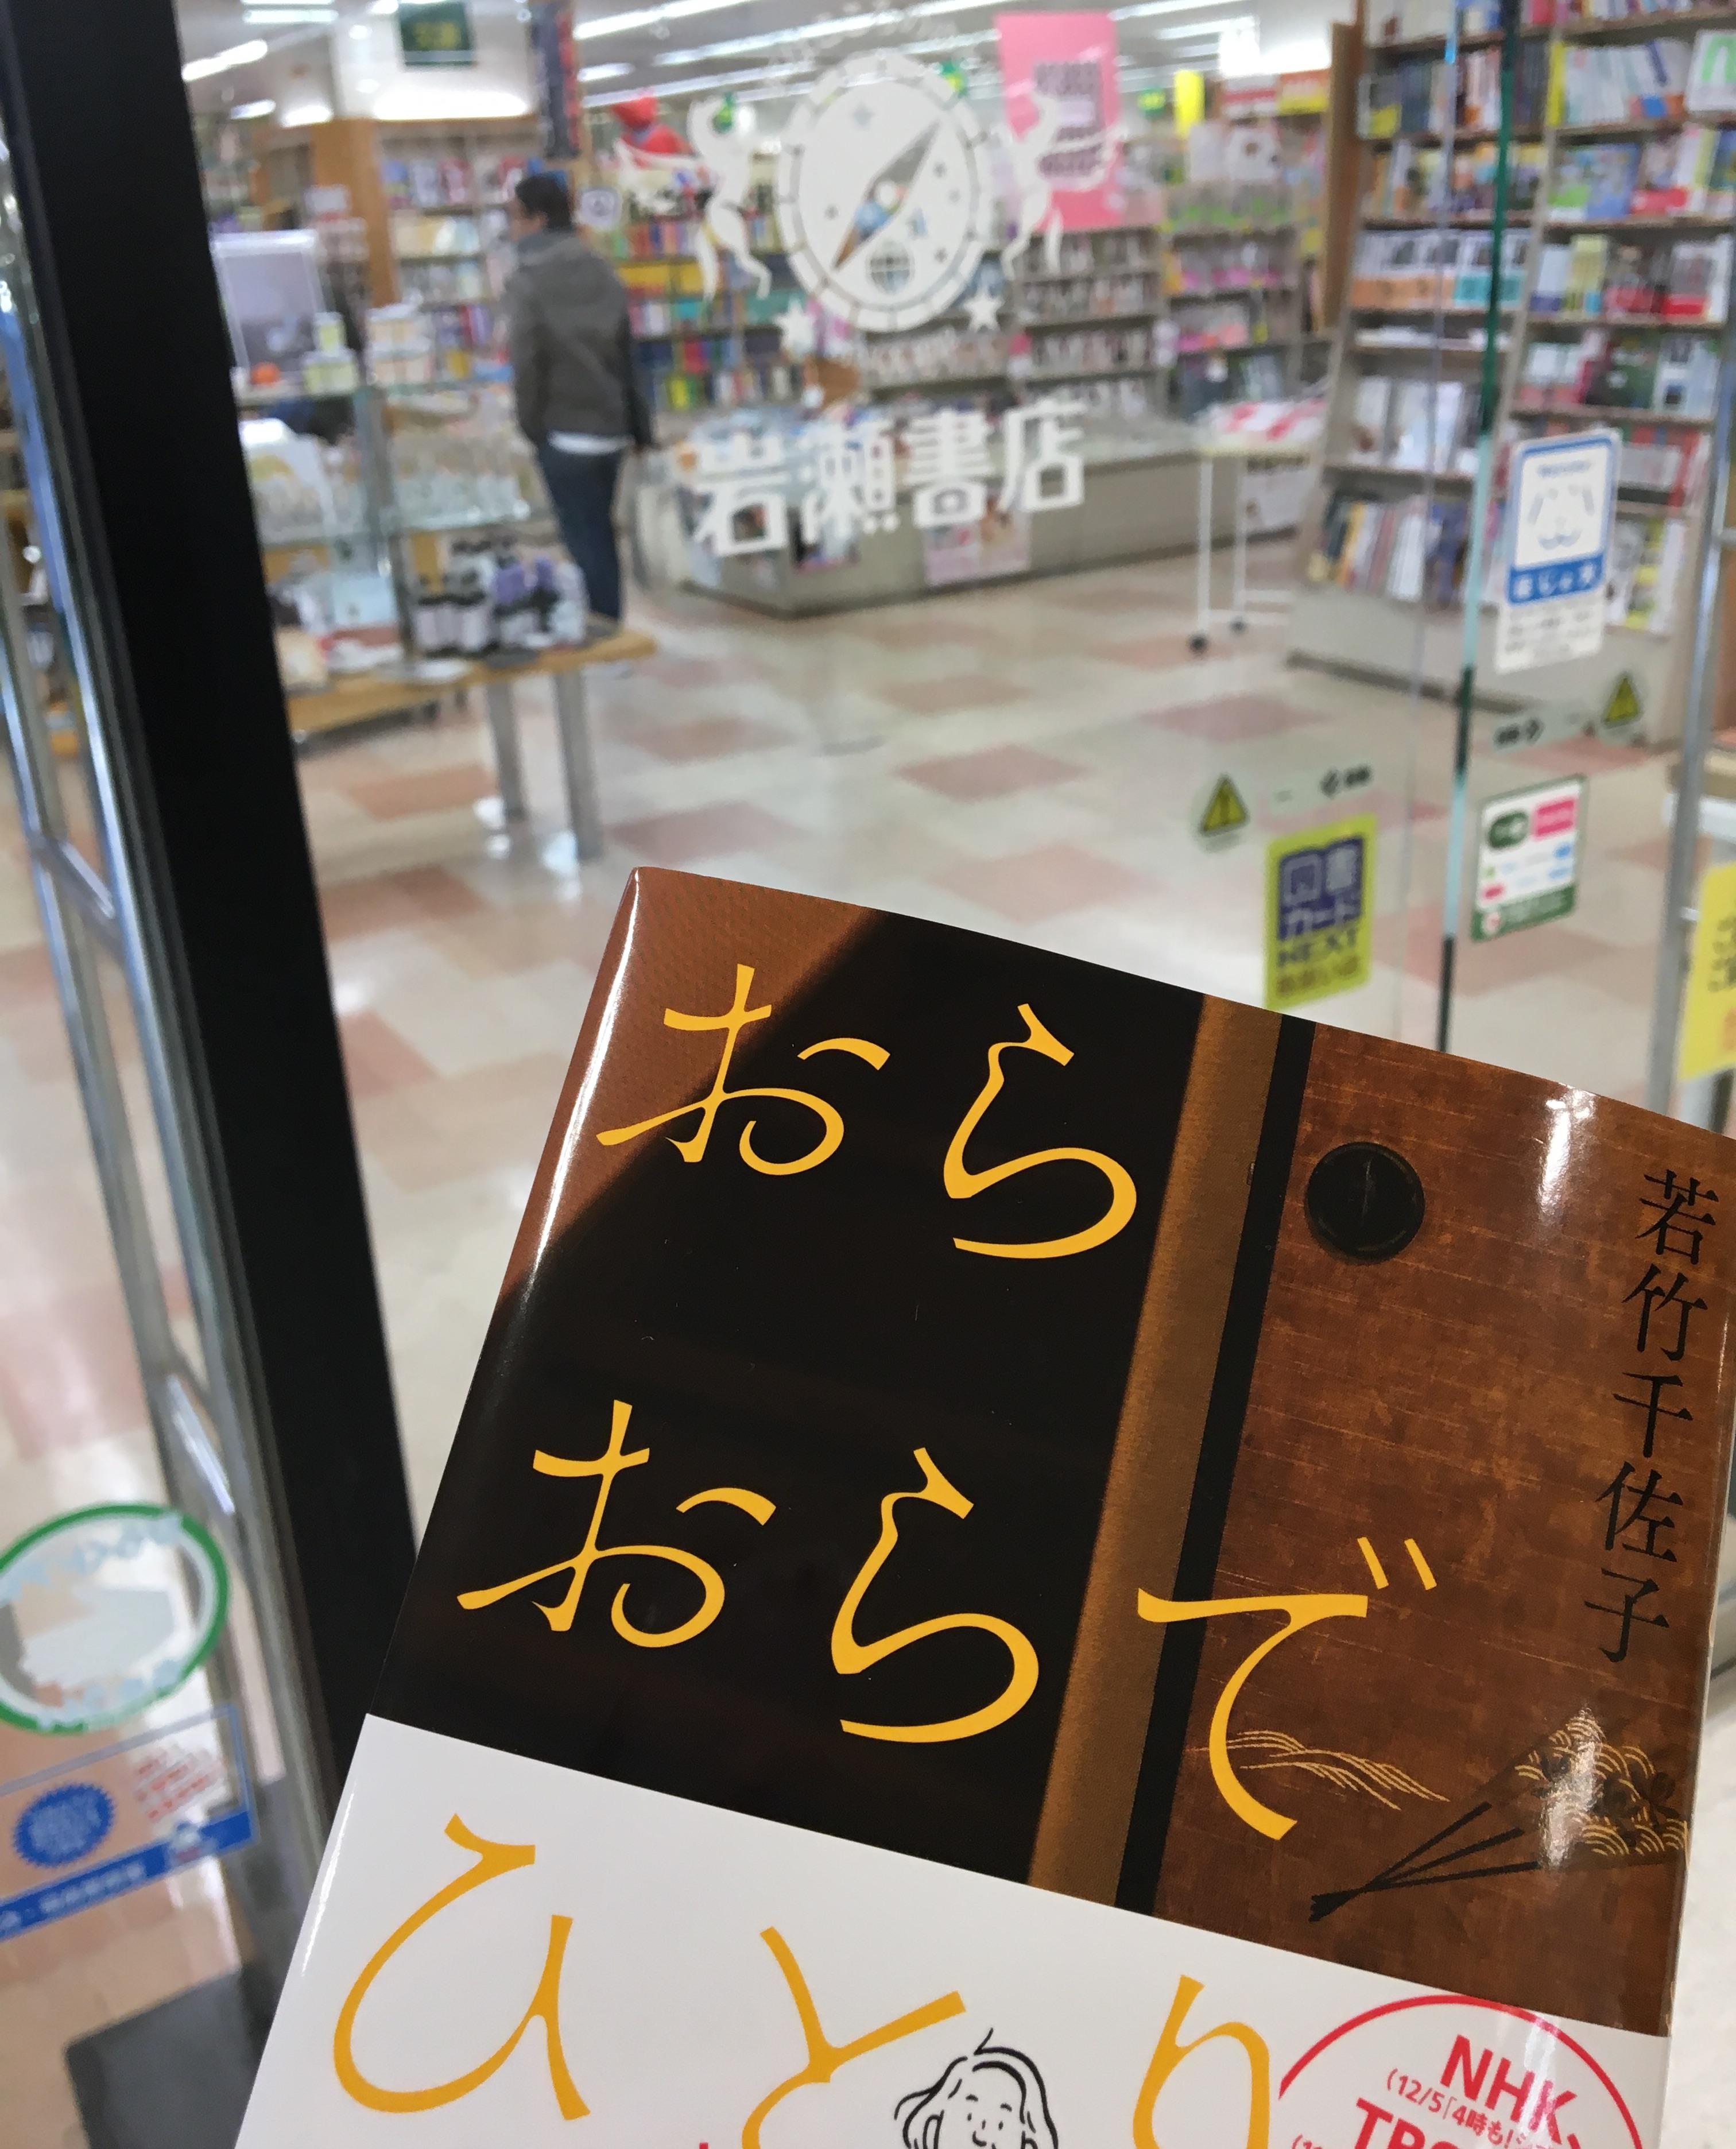 福島駅の書店で買った『おらおらでひとりいぐも』のセリフが刺さった